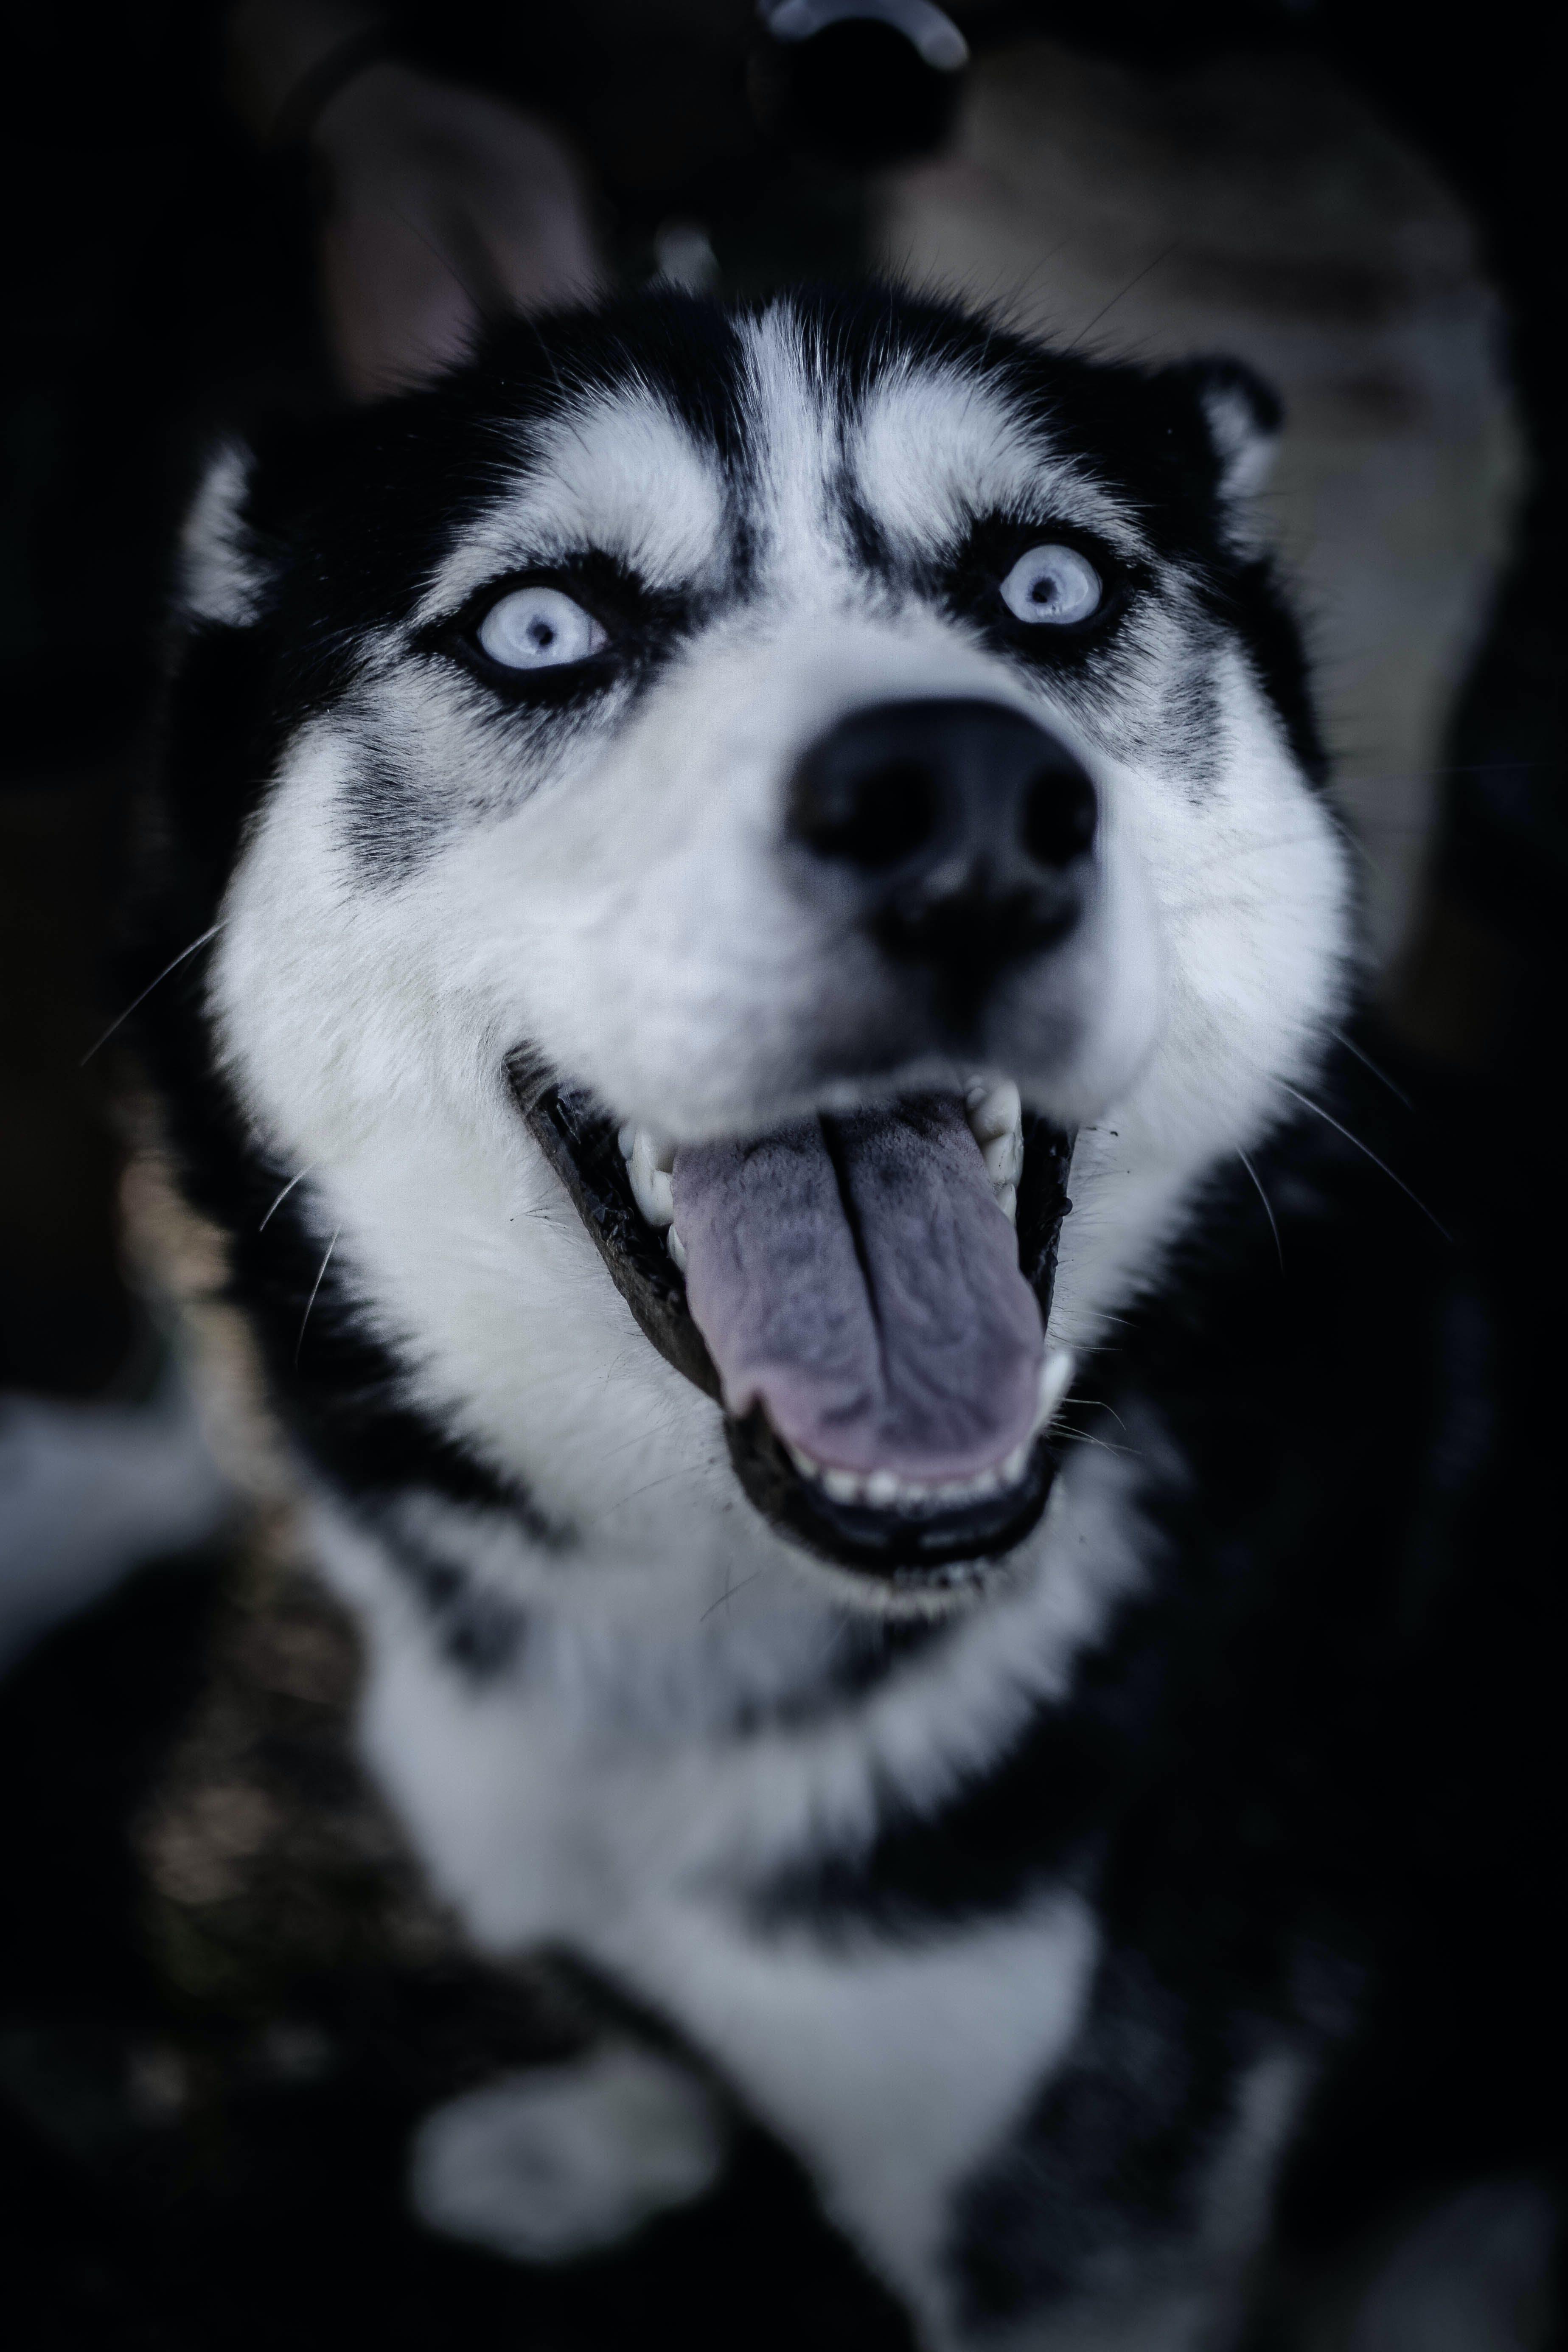 beyaz köpek, fotoğrafçılık, gözler, huskey içeren Ücretsiz stok fotoğraf